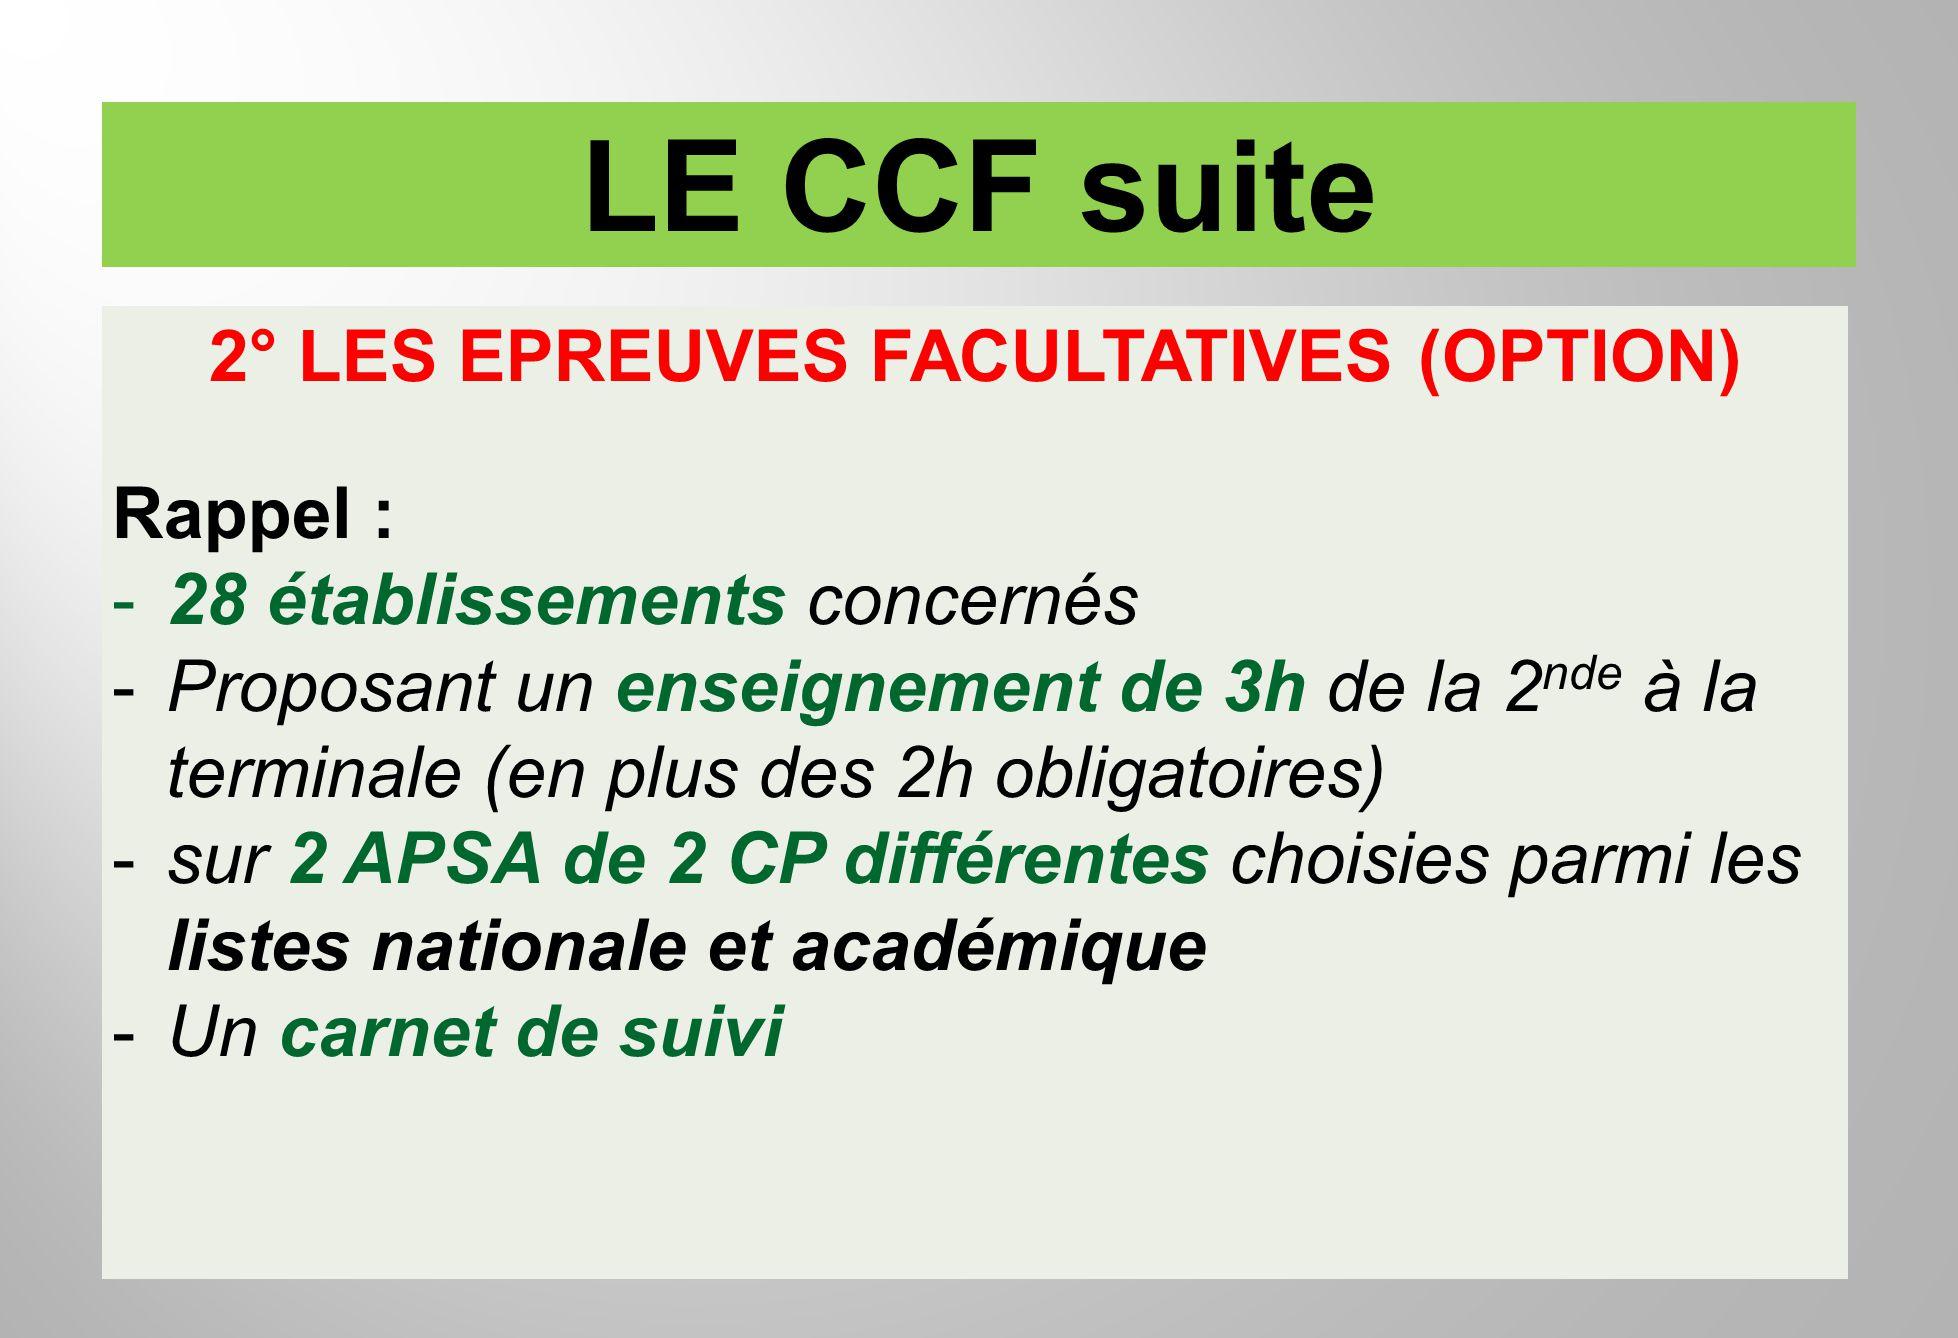 LE CCF suite 2° LES EPREUVES FACULTATIVES (OPTION) Rappel : -28 établissements concernés -Proposant un enseignement de 3h de la 2 nde à la terminale (